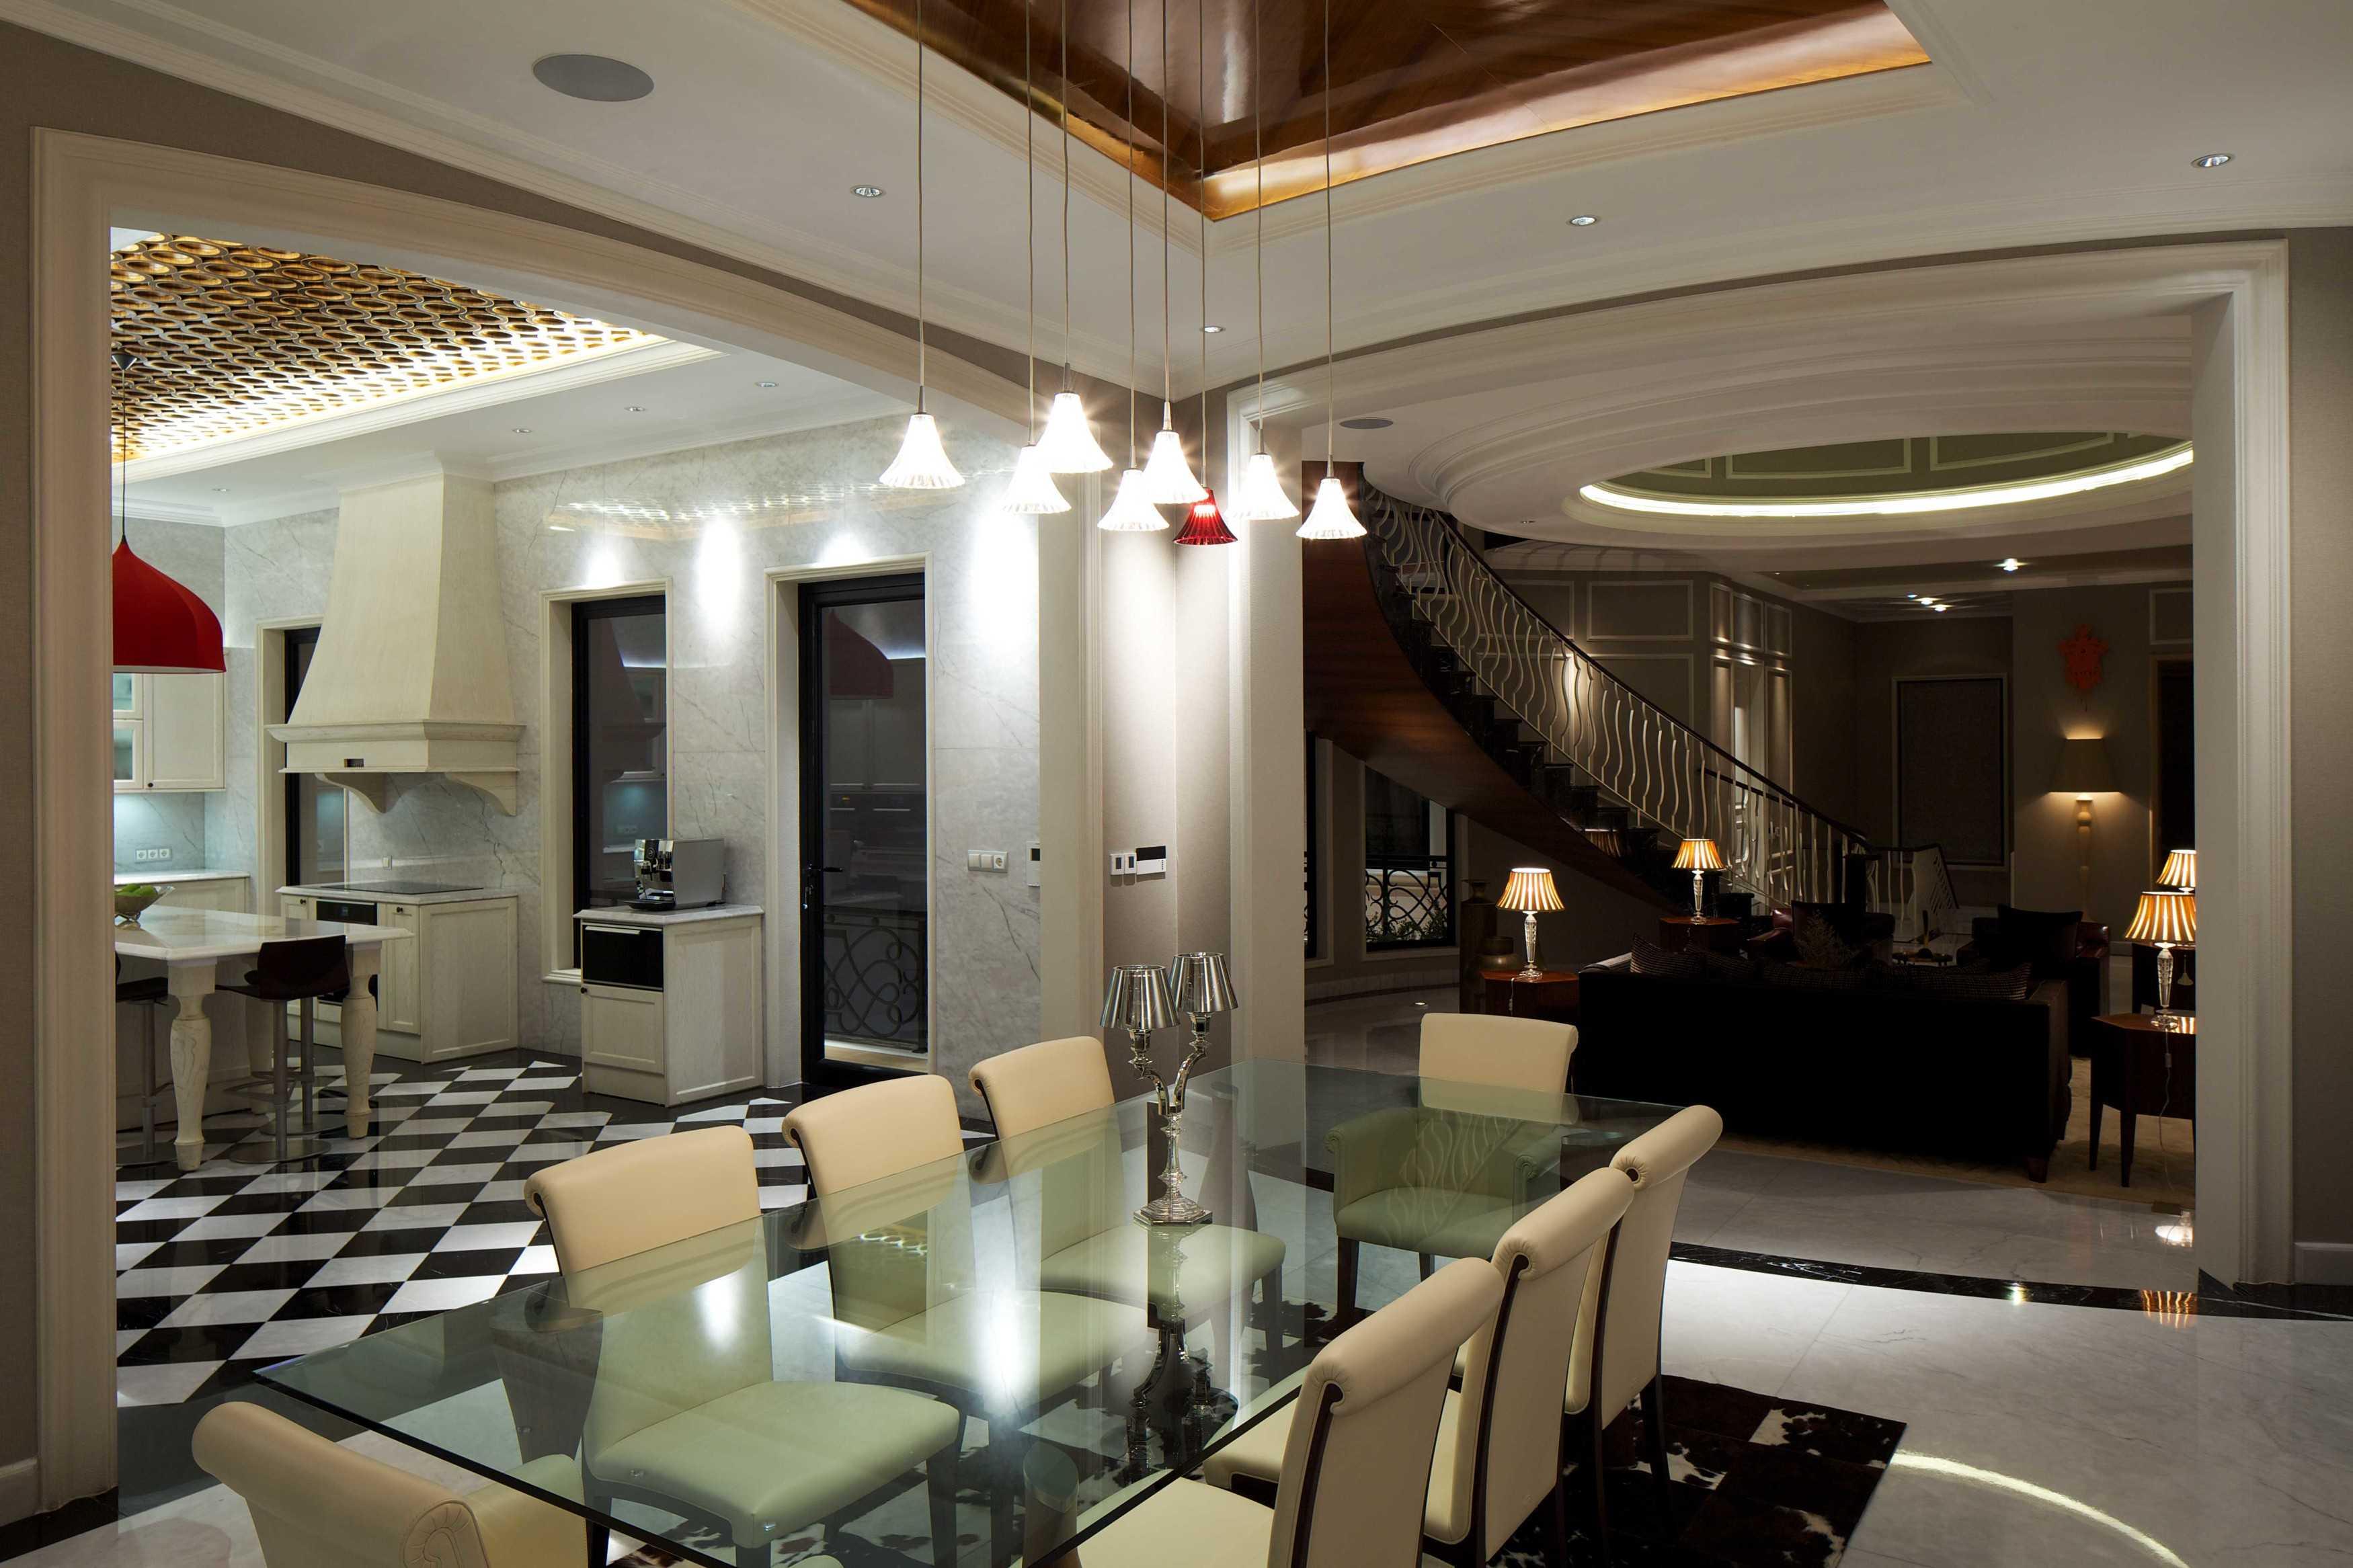 Vin•da•te Mayang Permai Residence Pantai Indah Kapuk - North Jakarta Pantai Indah Kapuk - North Jakarta Kitchen Kontemporer  17149